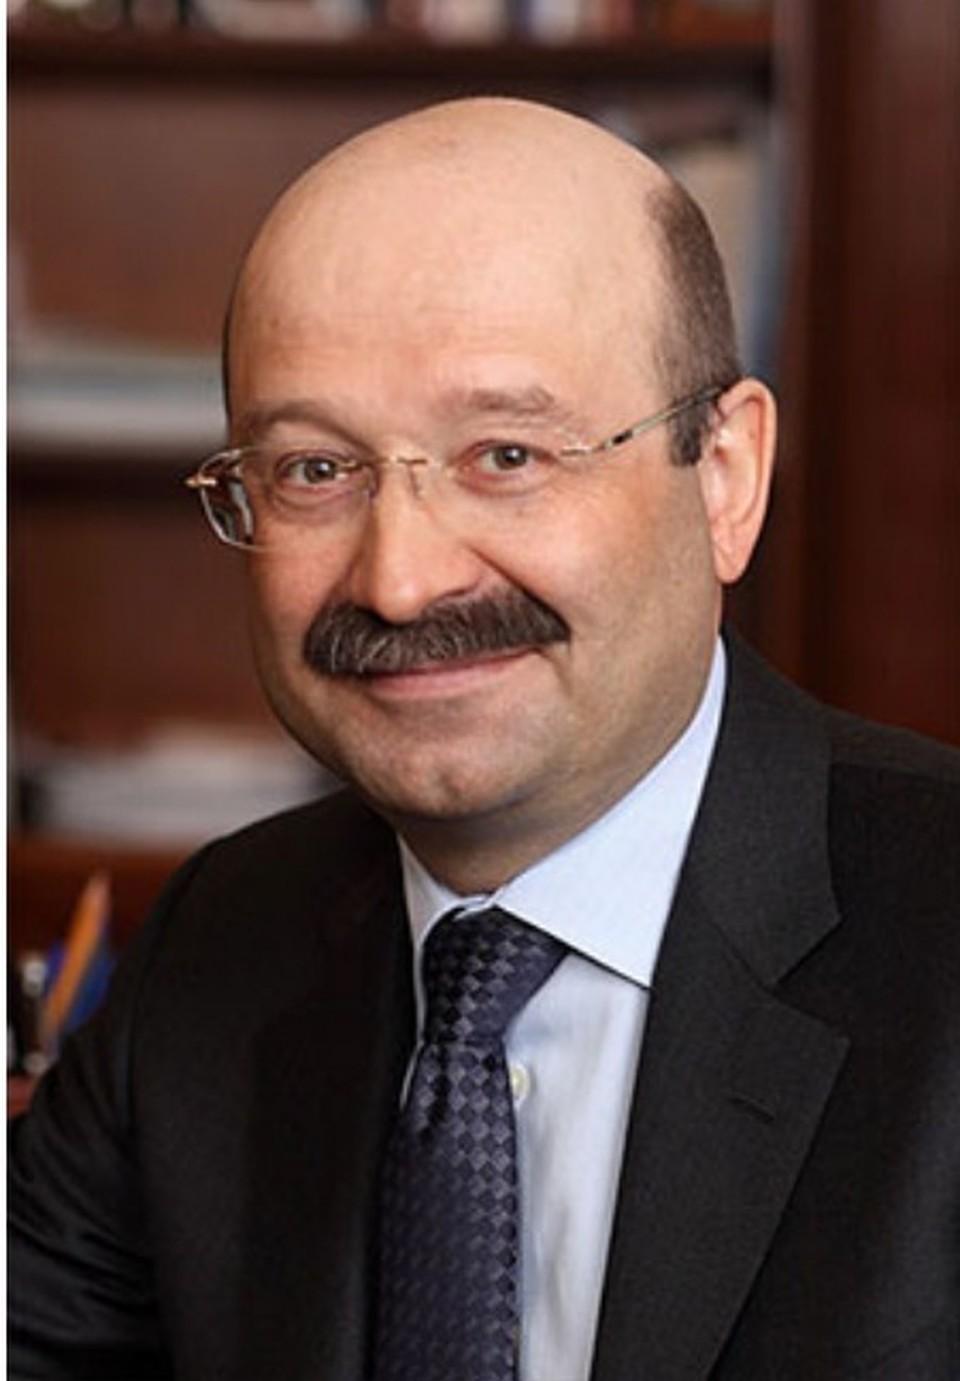 Задорнов признал, что для банков, как и в целом для экономики, повышение ключевой ставки малоприятно.